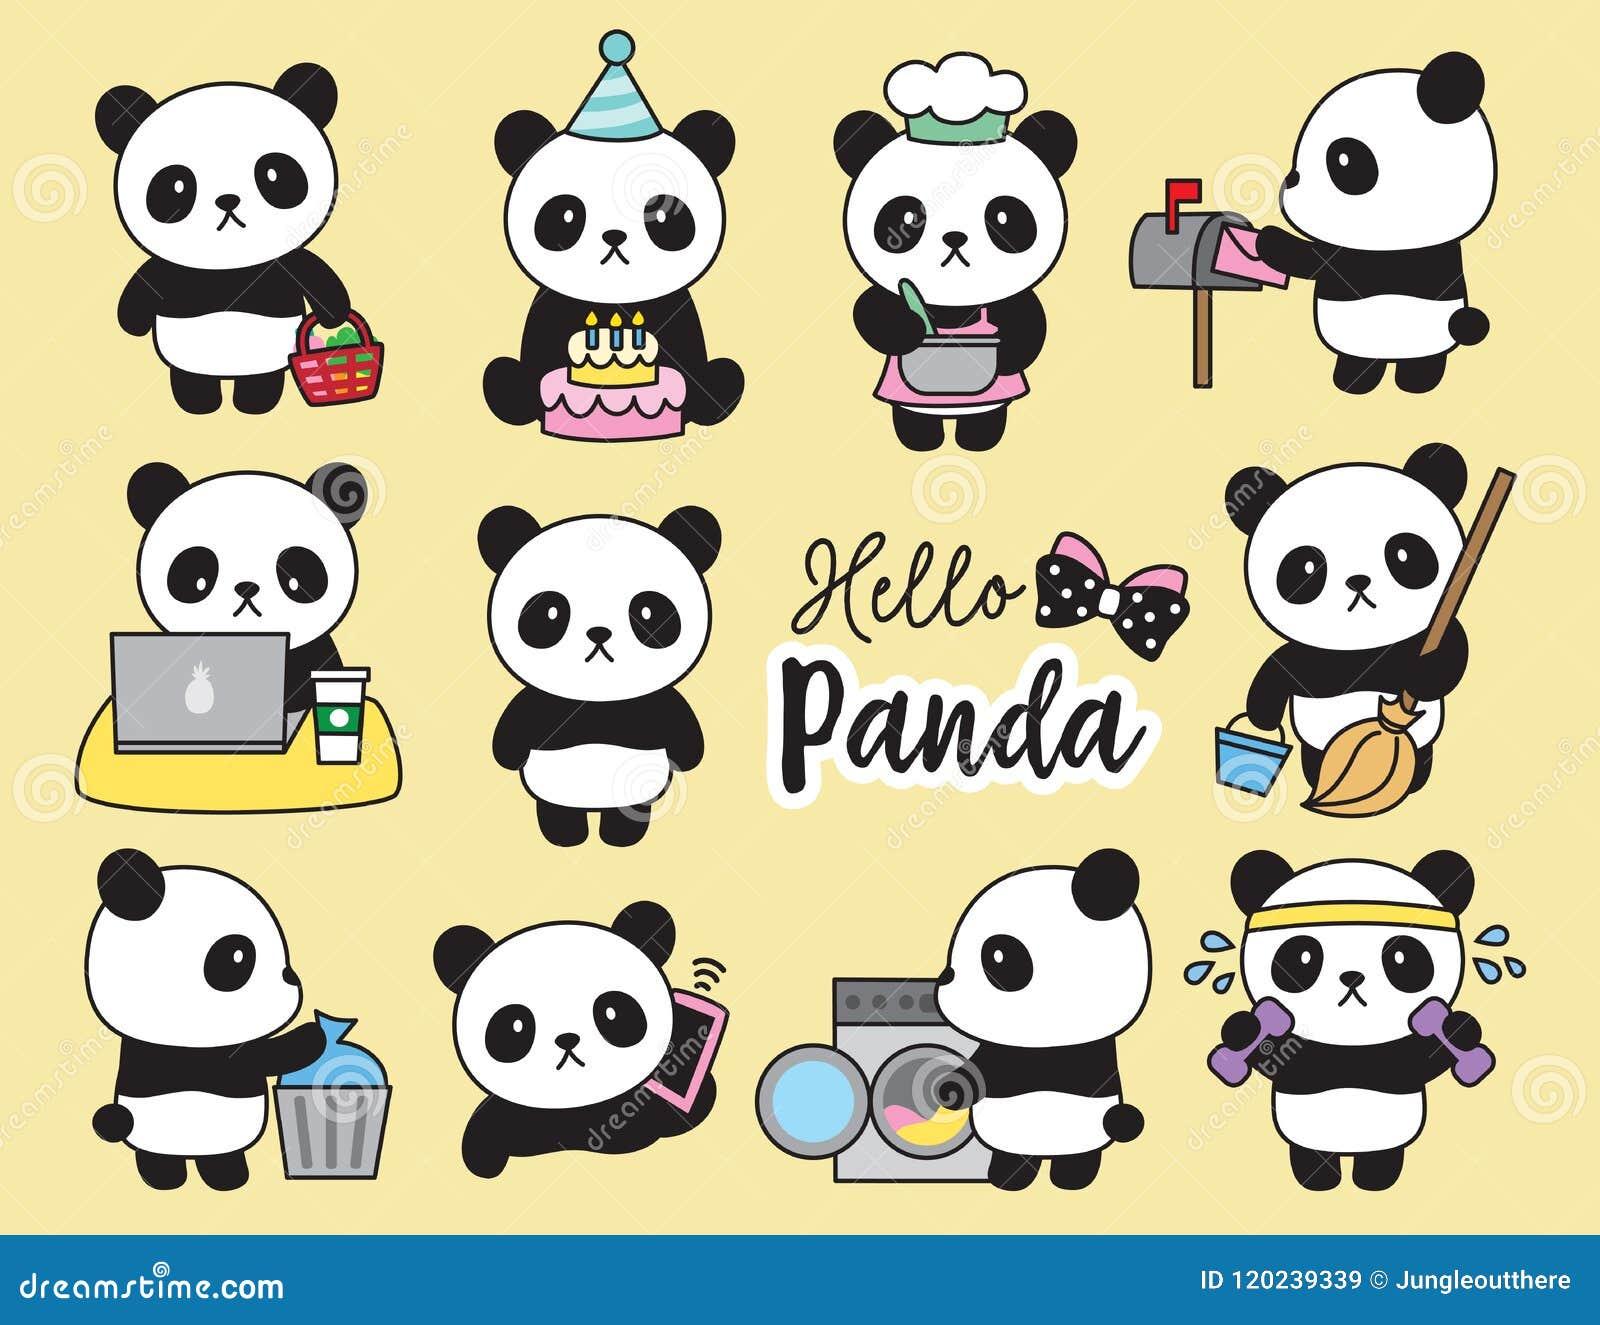 Panda Planner Activities mignon